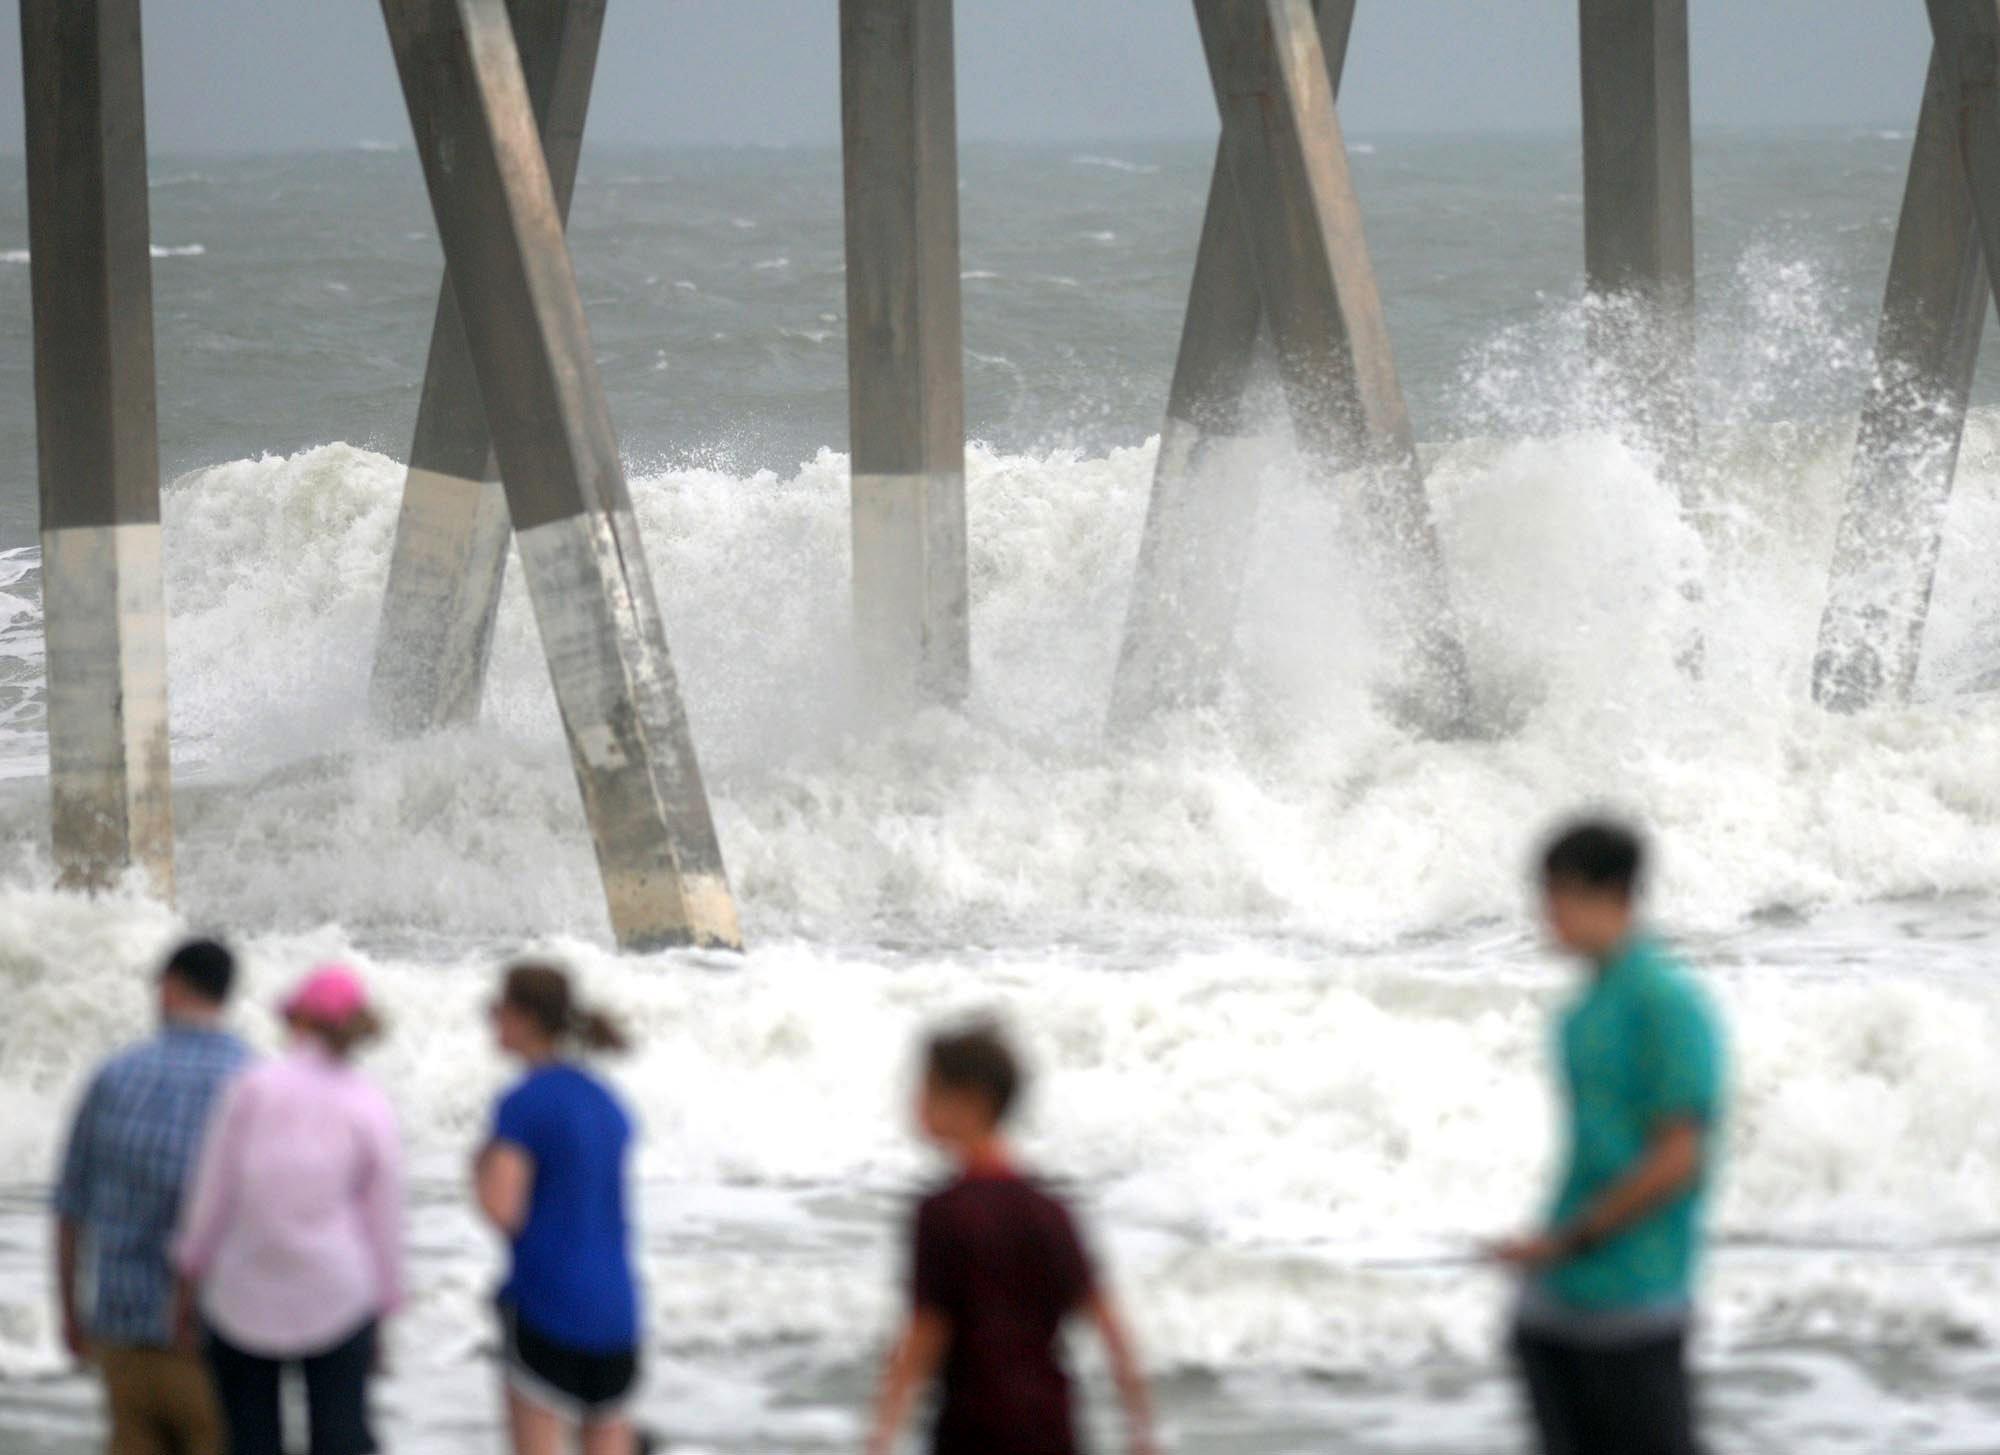 Ana becomes tropical storm as it nears the East Coast